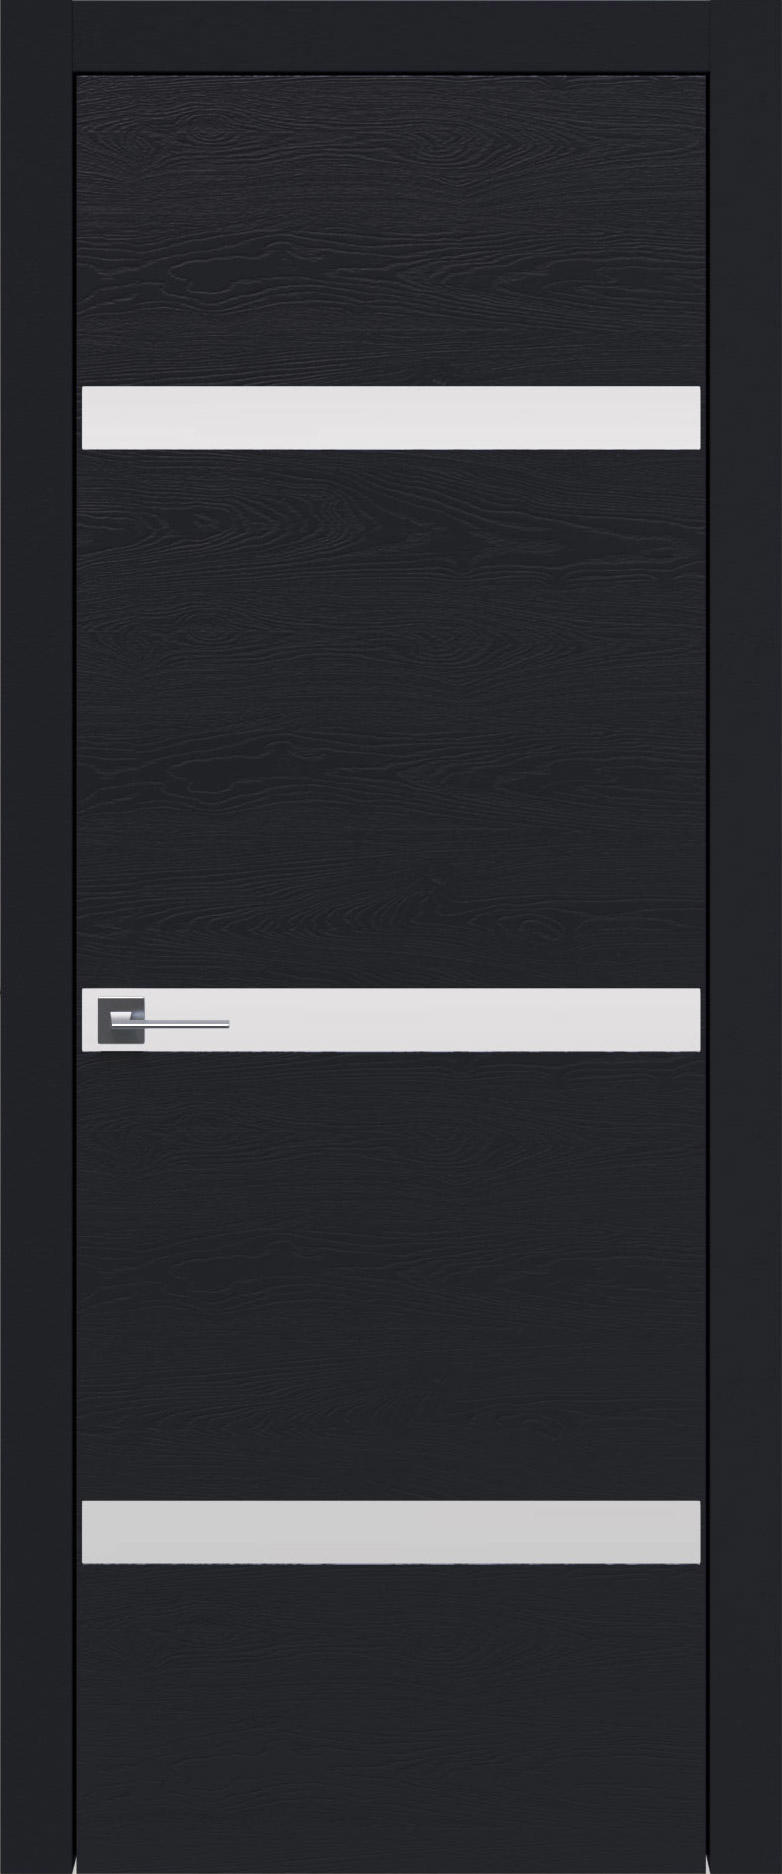 Tivoli Г-4 цвет - Черная эмаль по шпону (RAL 9004) Без стекла (ДГ)